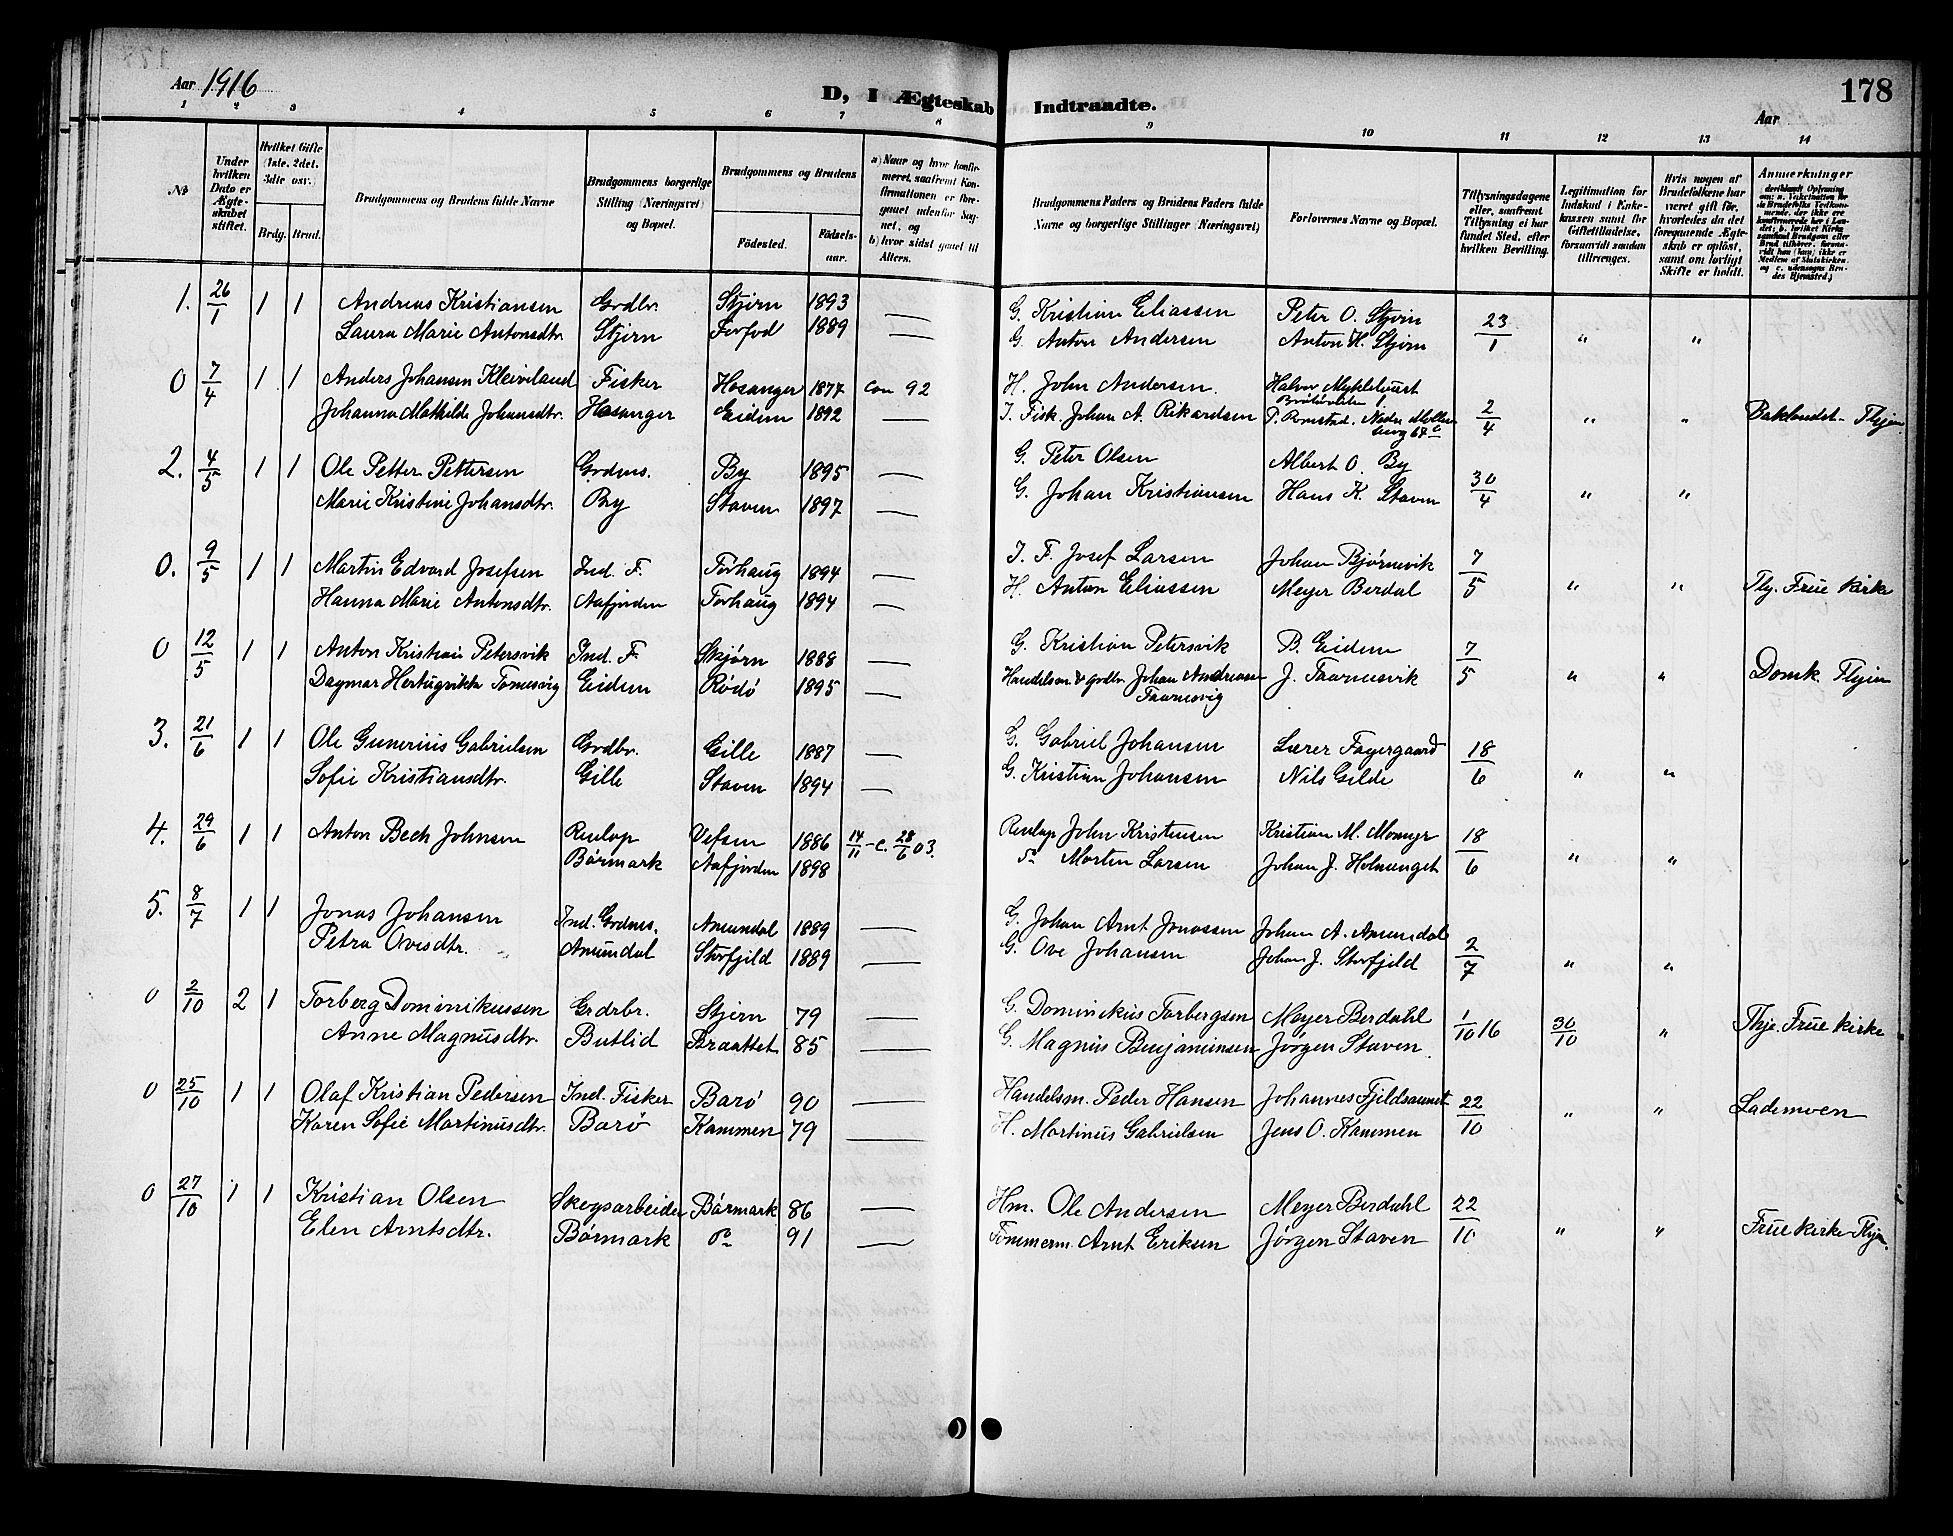 SAT, Ministerialprotokoller, klokkerbøker og fødselsregistre - Sør-Trøndelag, 655/L0688: Klokkerbok nr. 655C04, 1899-1922, s. 178